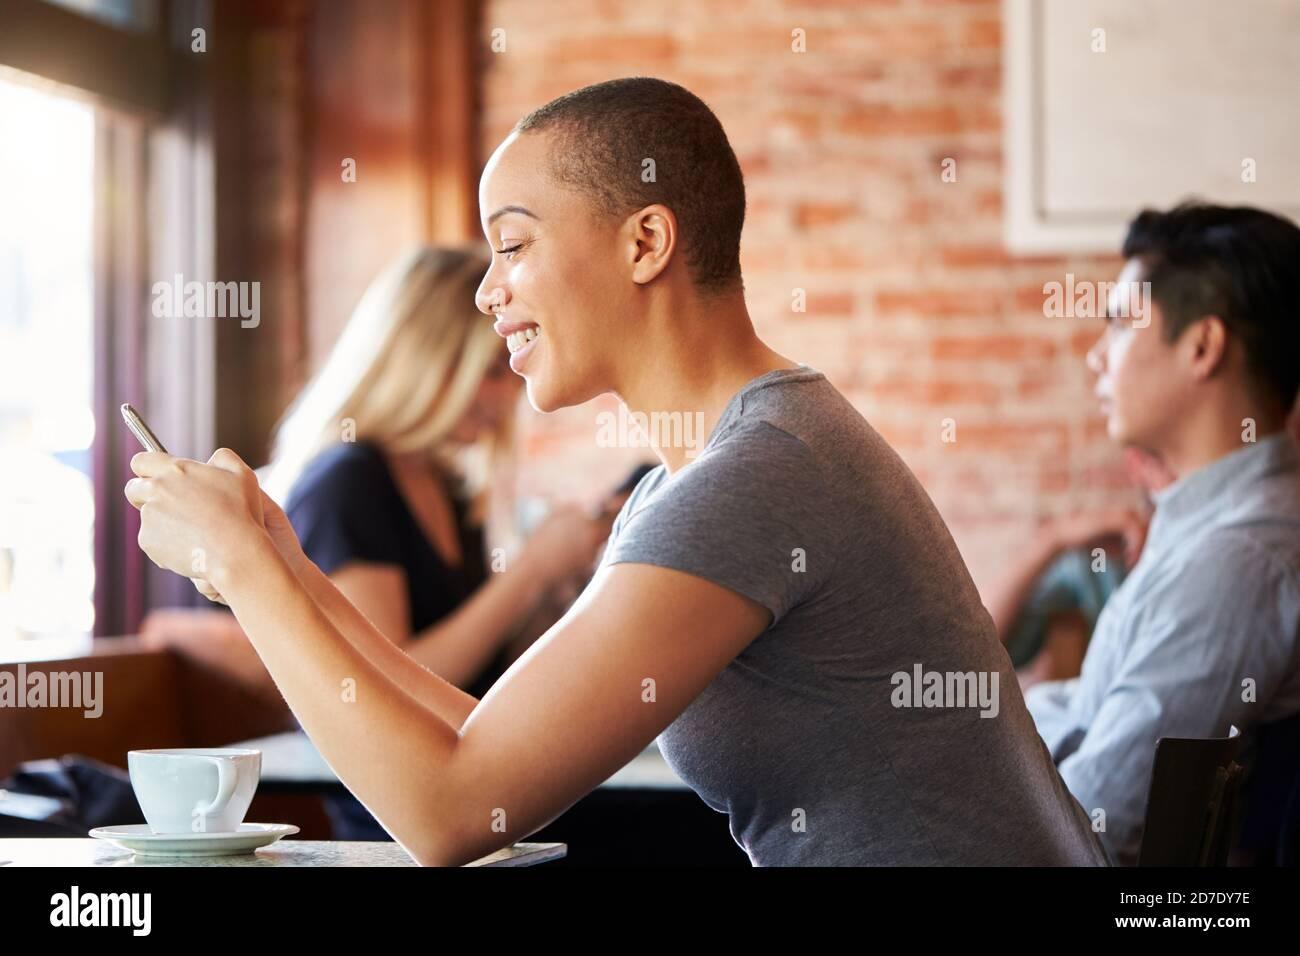 Femme utilisant un téléphone portable assis à une table dans un café Banque D'Images